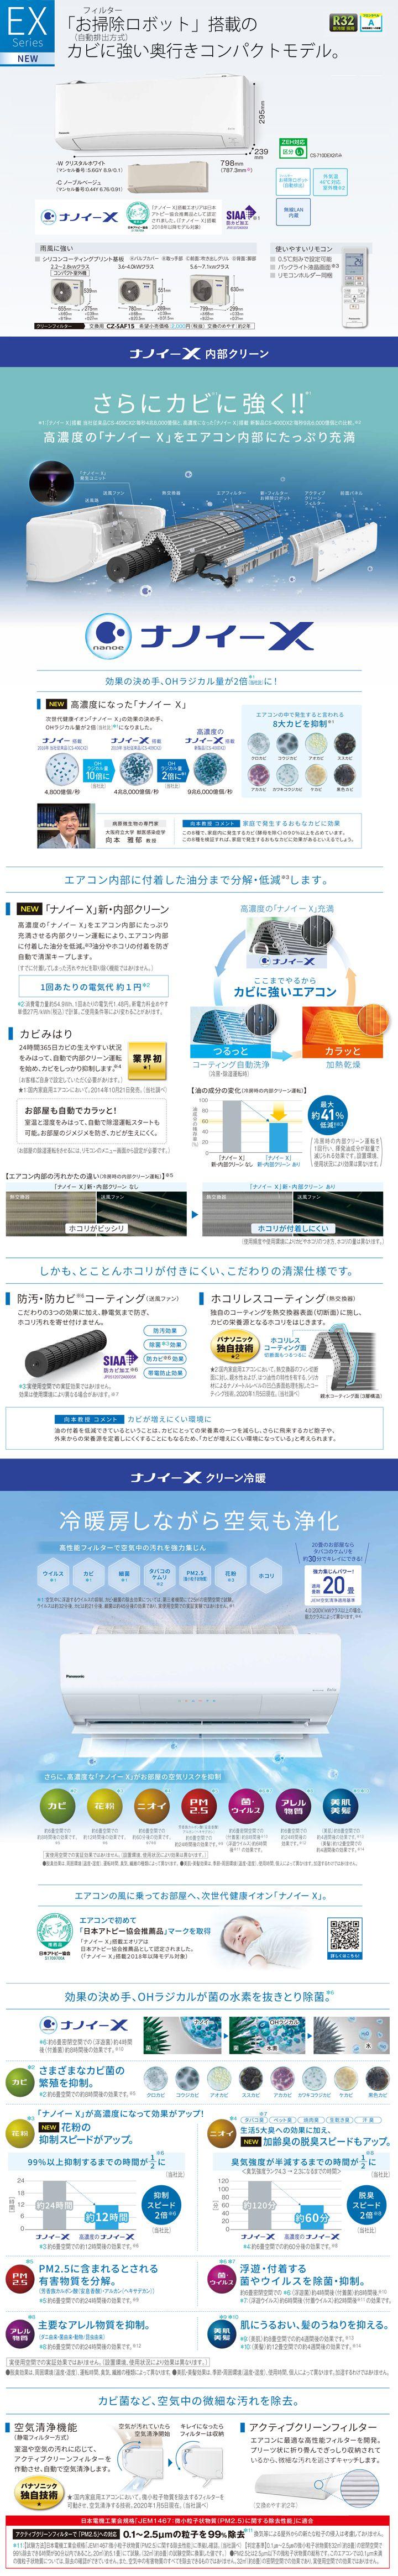 XCS-220DEX-C/Sカタログ